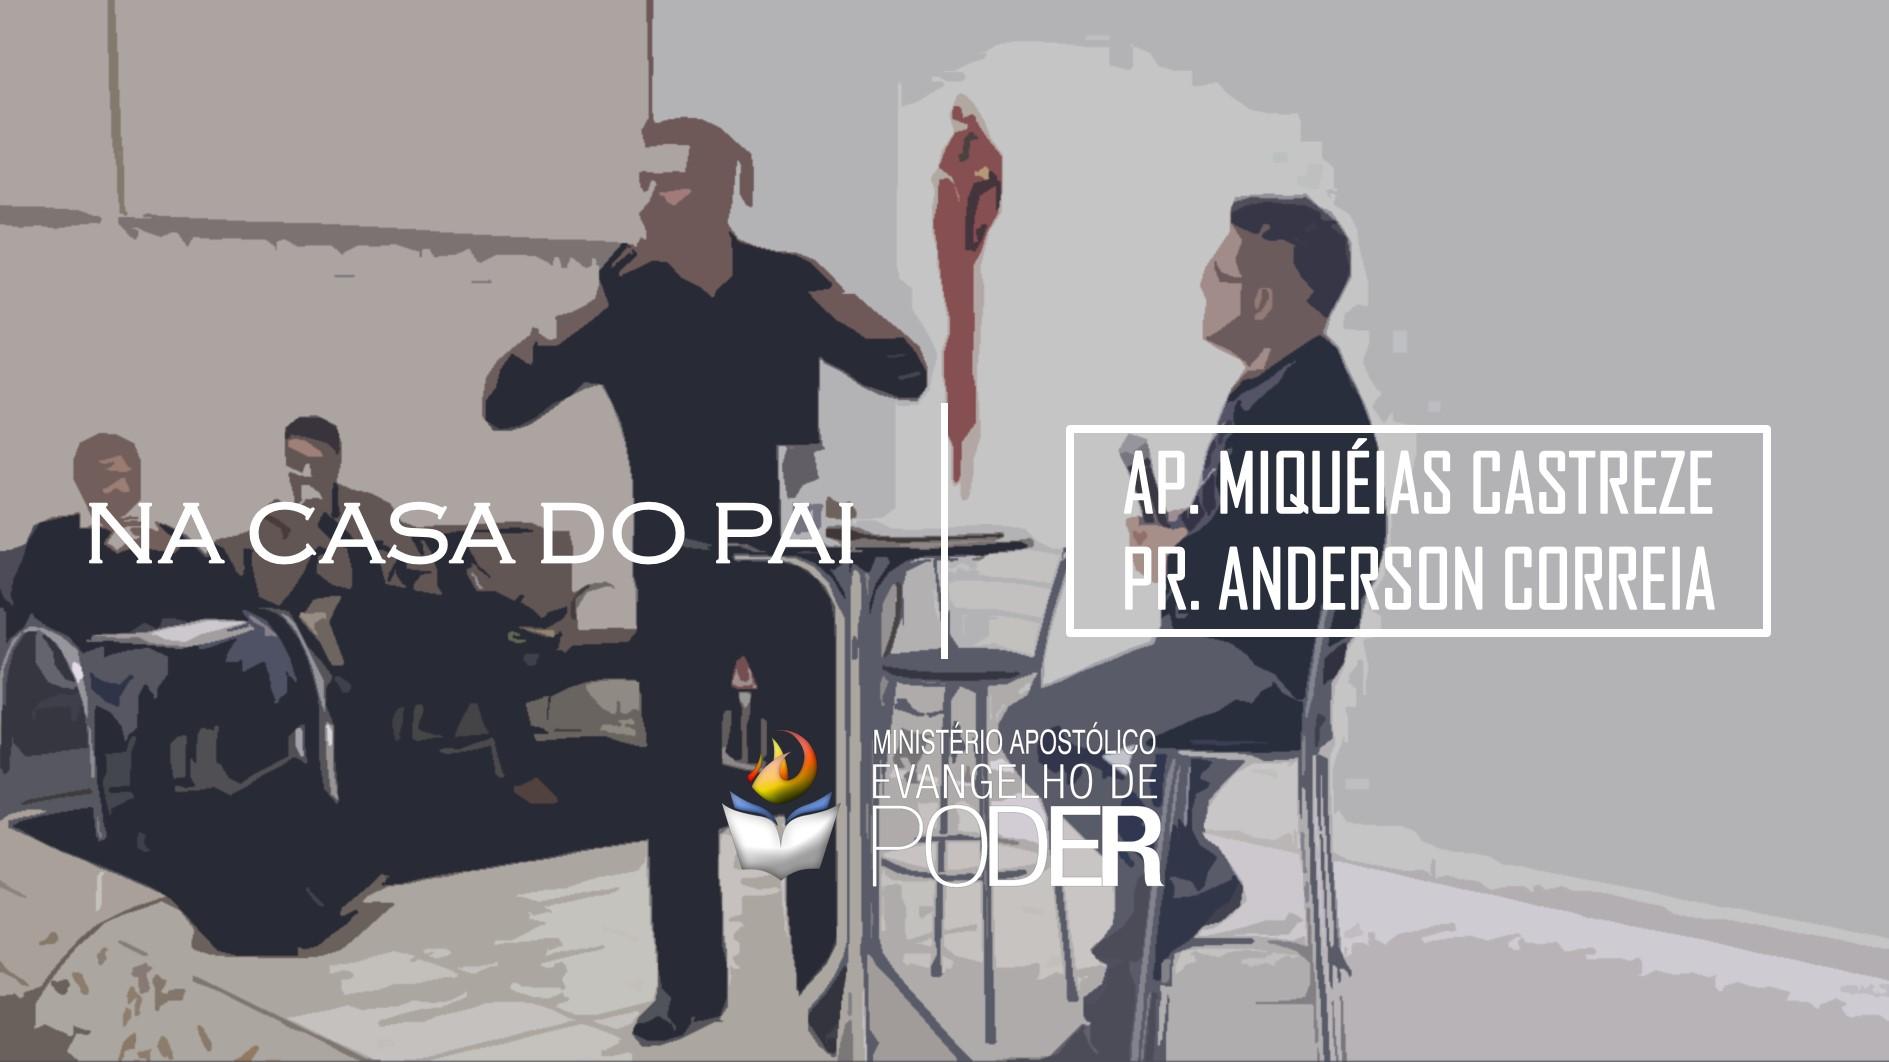 NA CASA DO PAI - PR. ANDERSON CORREIA E AP. MIQUÉIAS CASTREZE